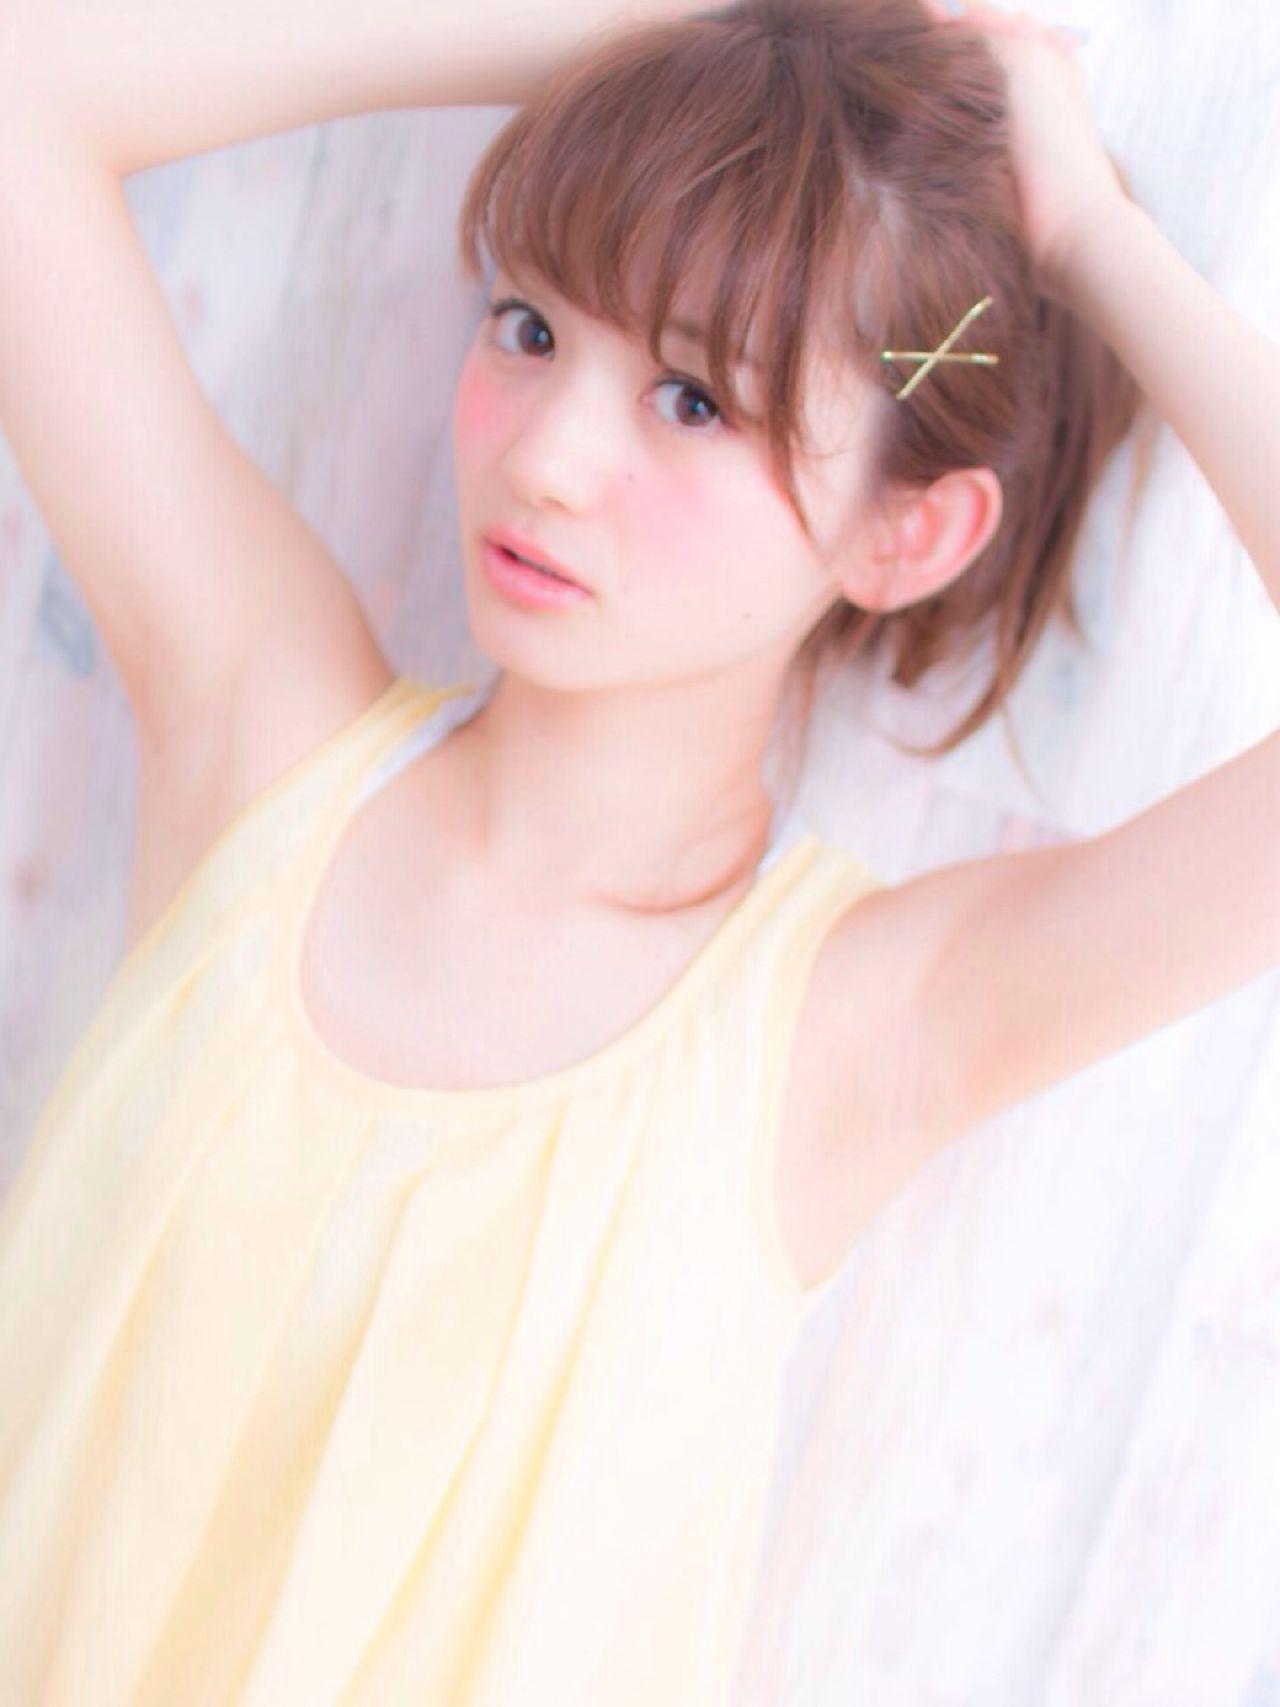 簡単アレンジ♡ヘアピンを使ってオシャレにアレンジを楽しんじゃおう! 藤咲あき